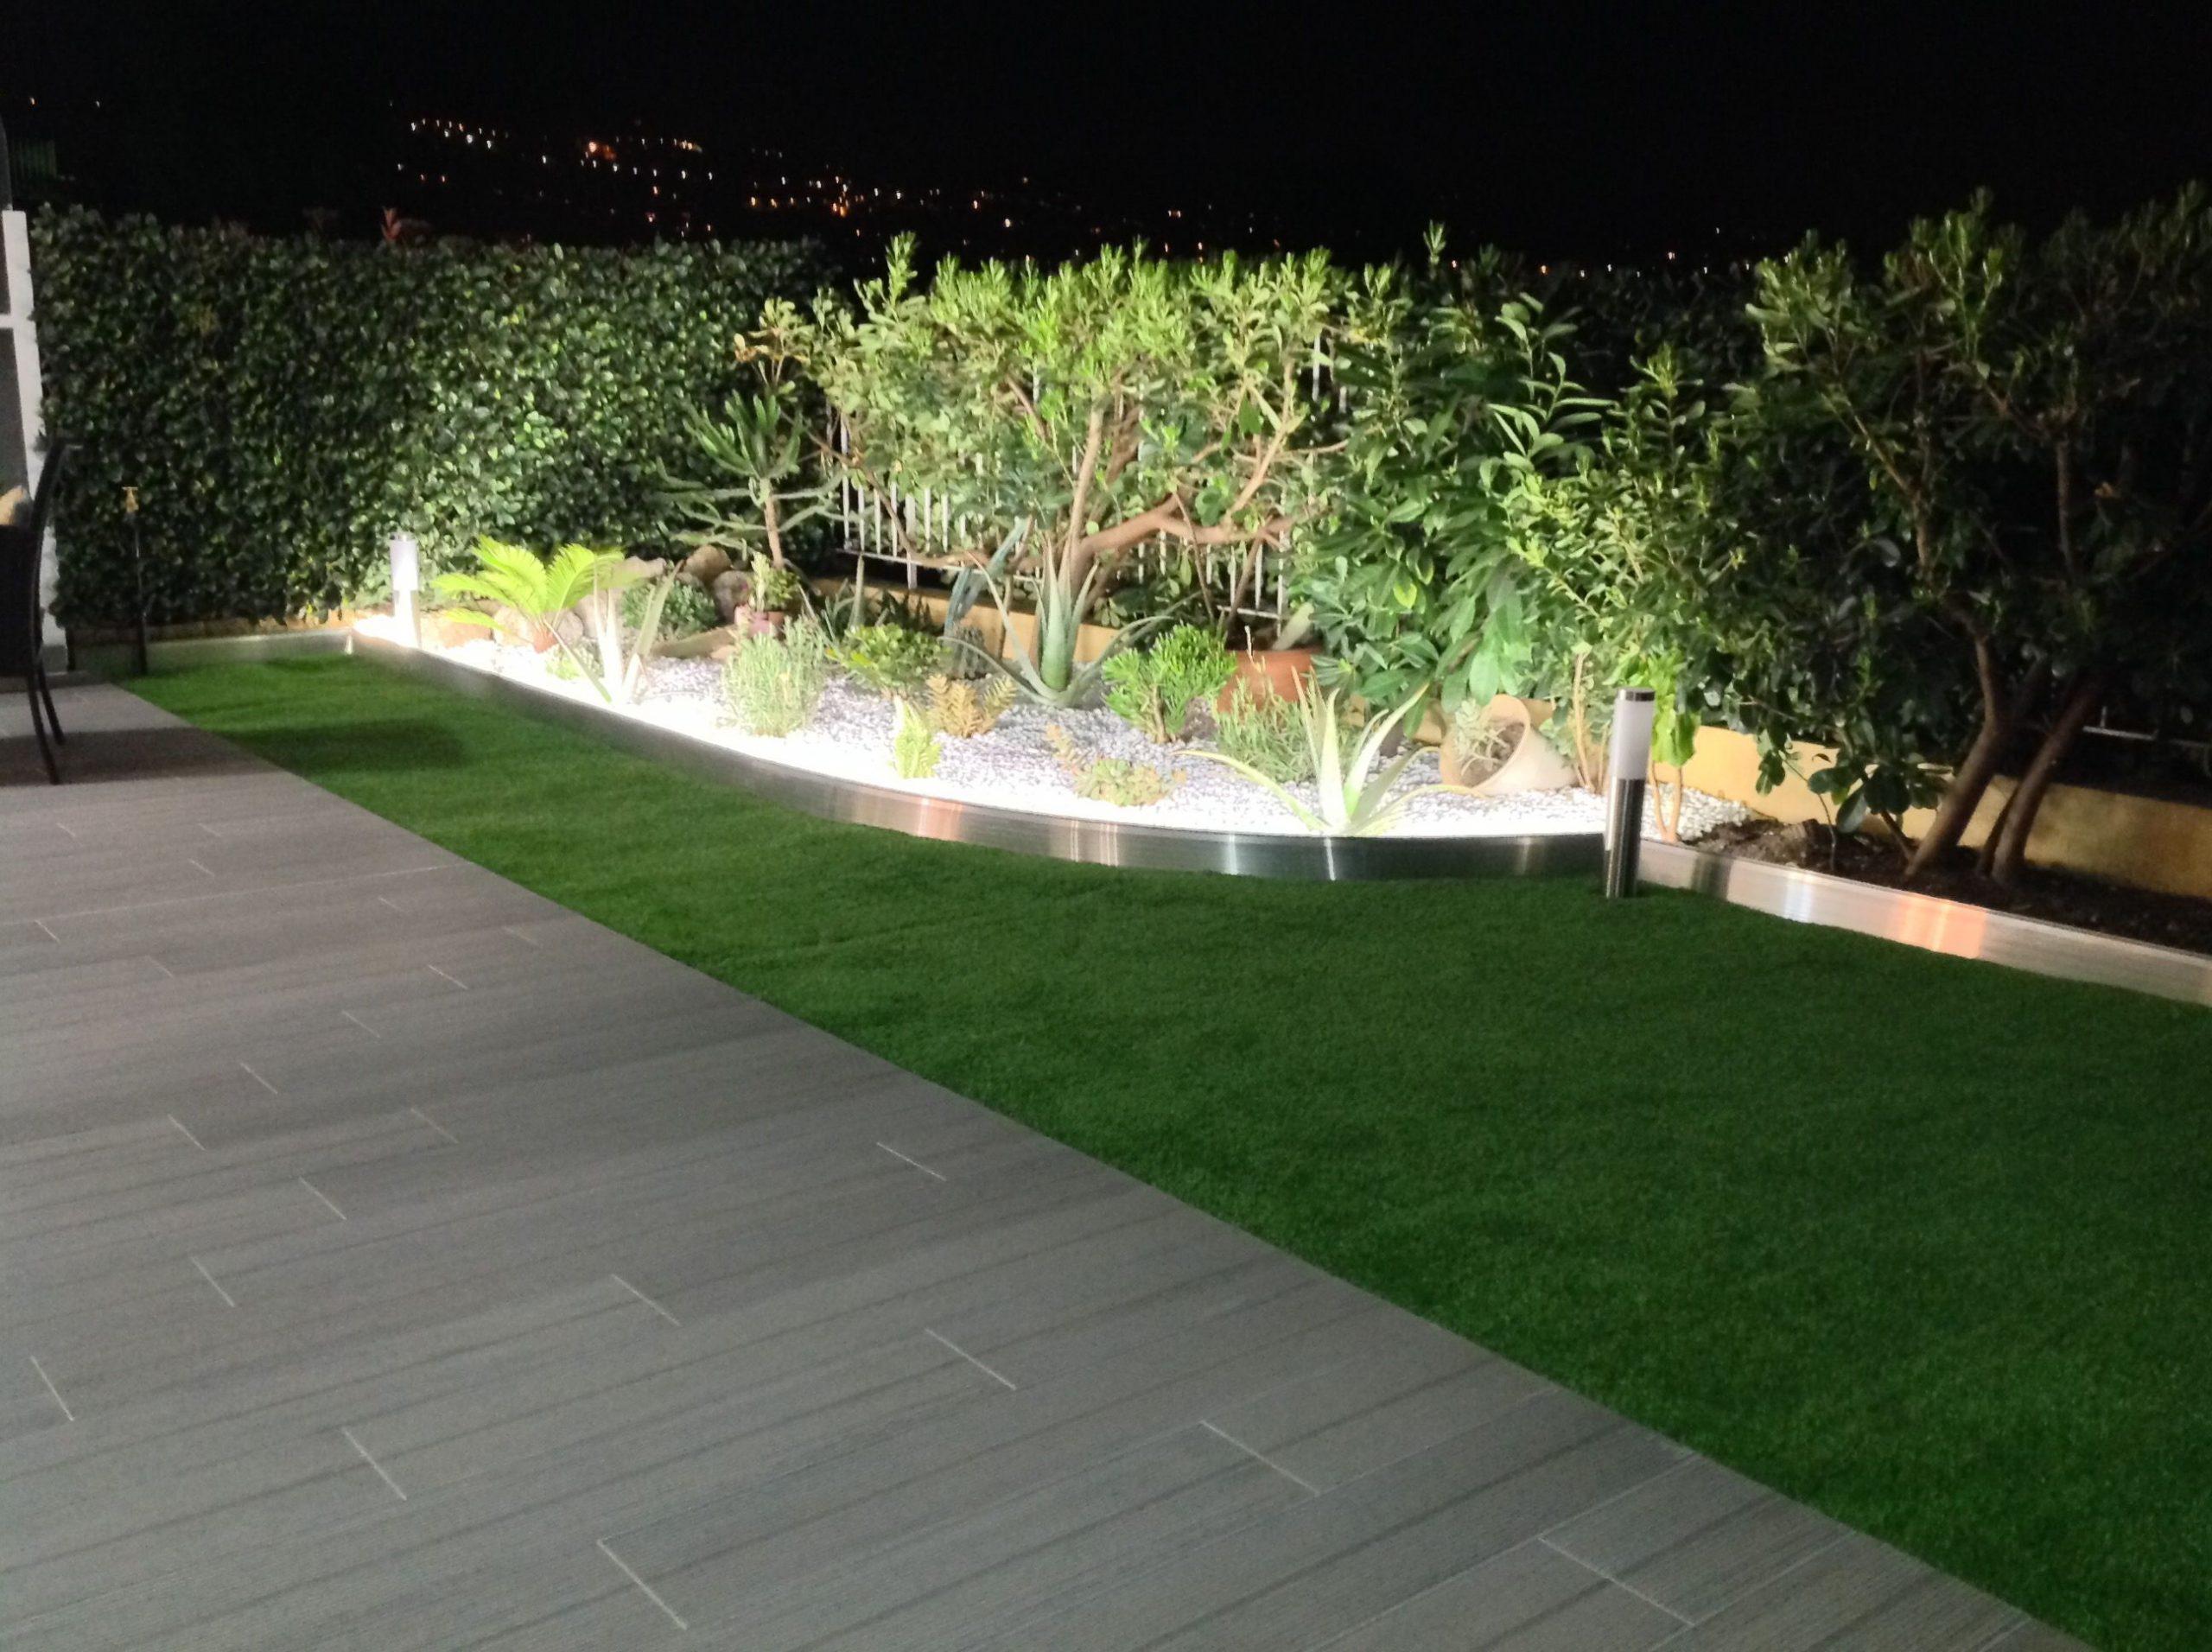 Bordure De Jardin En Aluminium Brut Avec Éclairage Led ... dedans Bordure Jardin Pvc